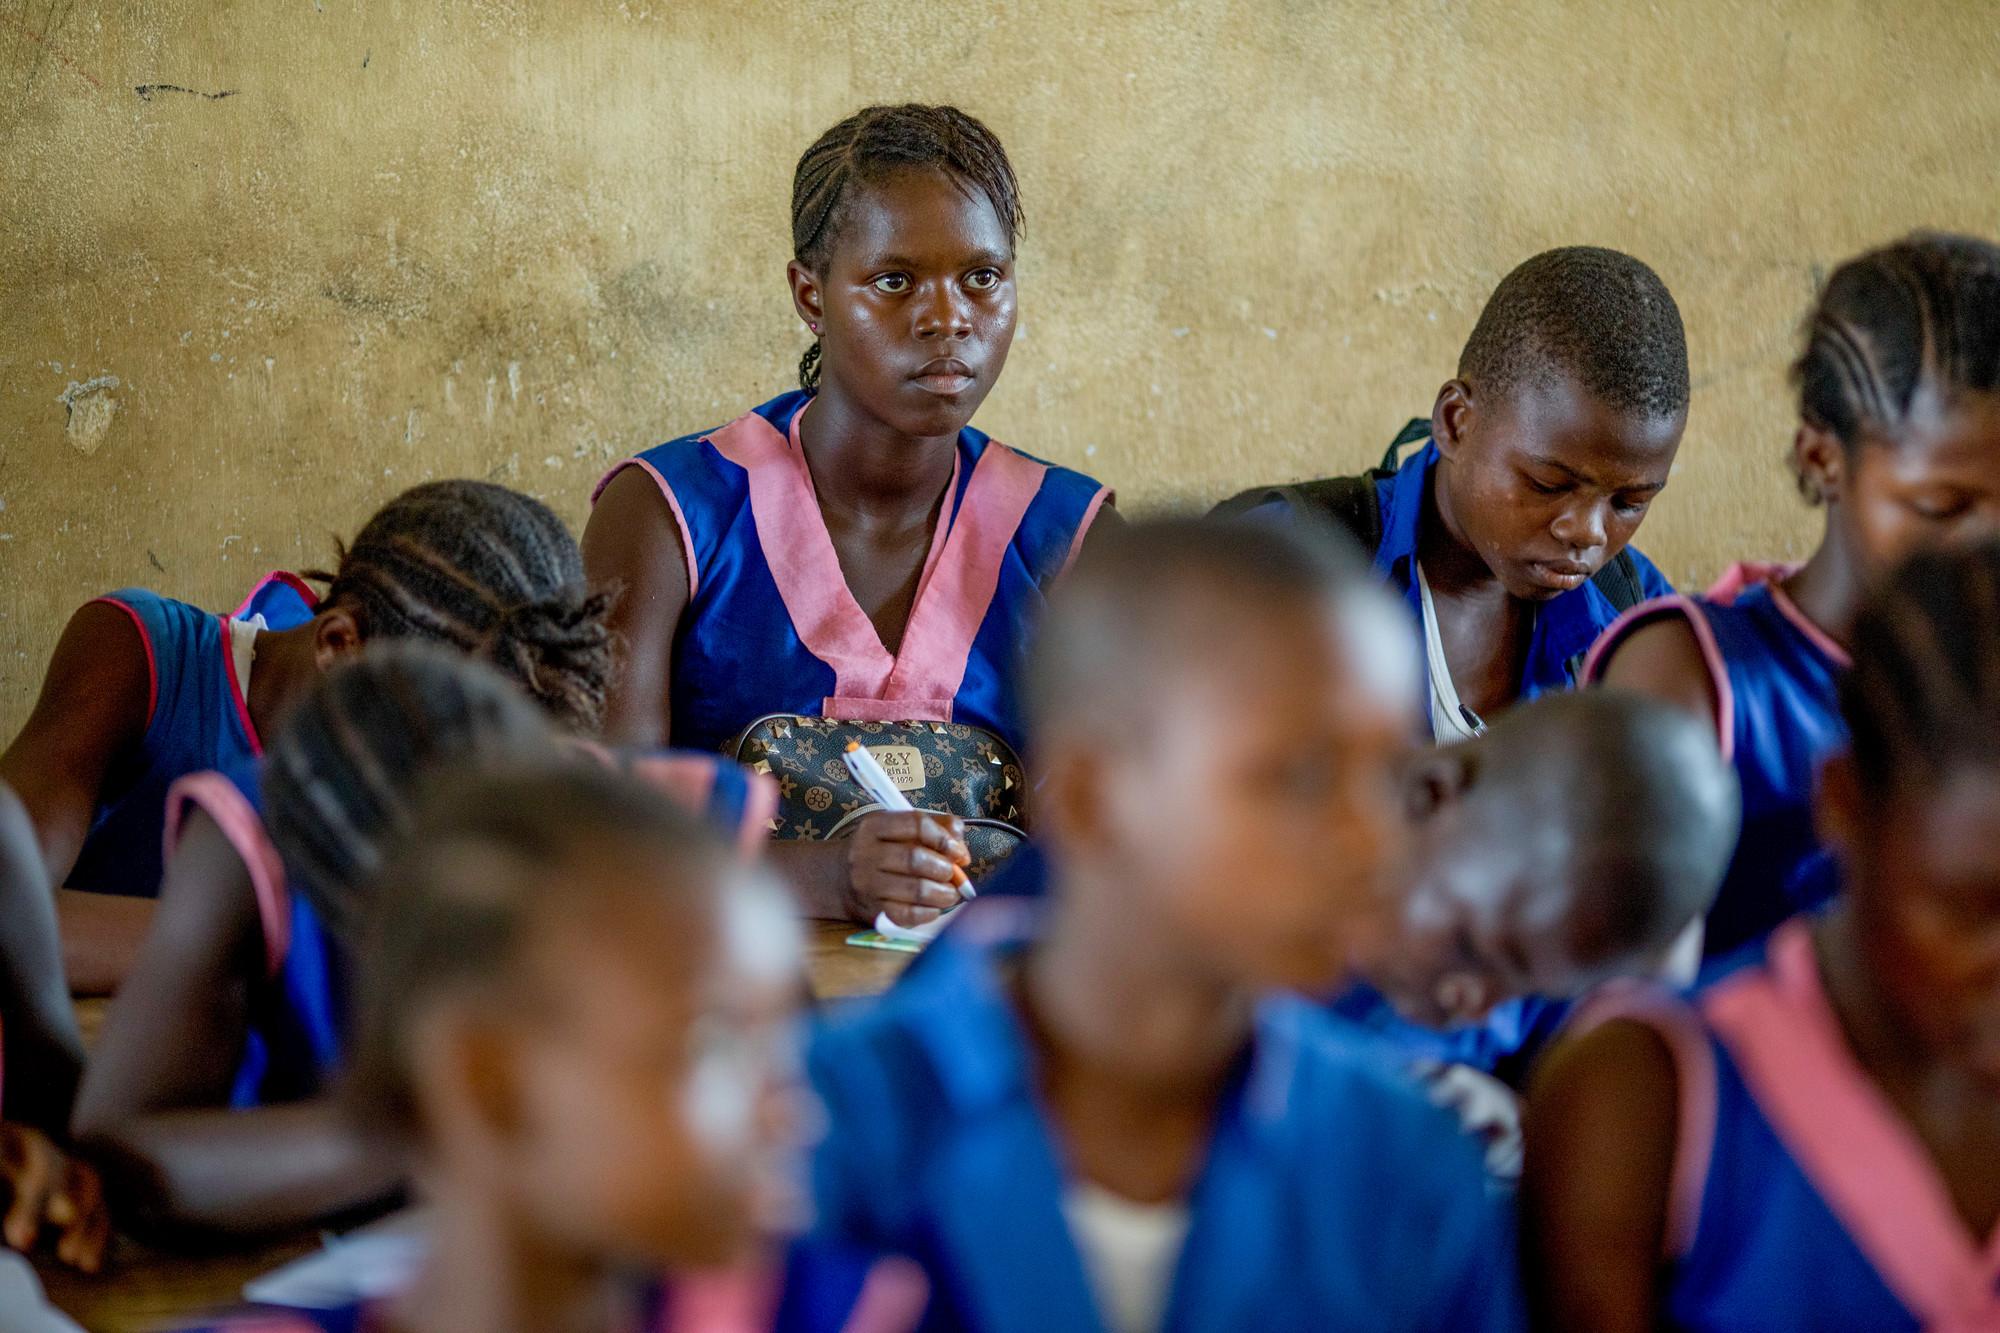 Uma garota em uma sala de aula olha para a frente cercada por outros alunos.